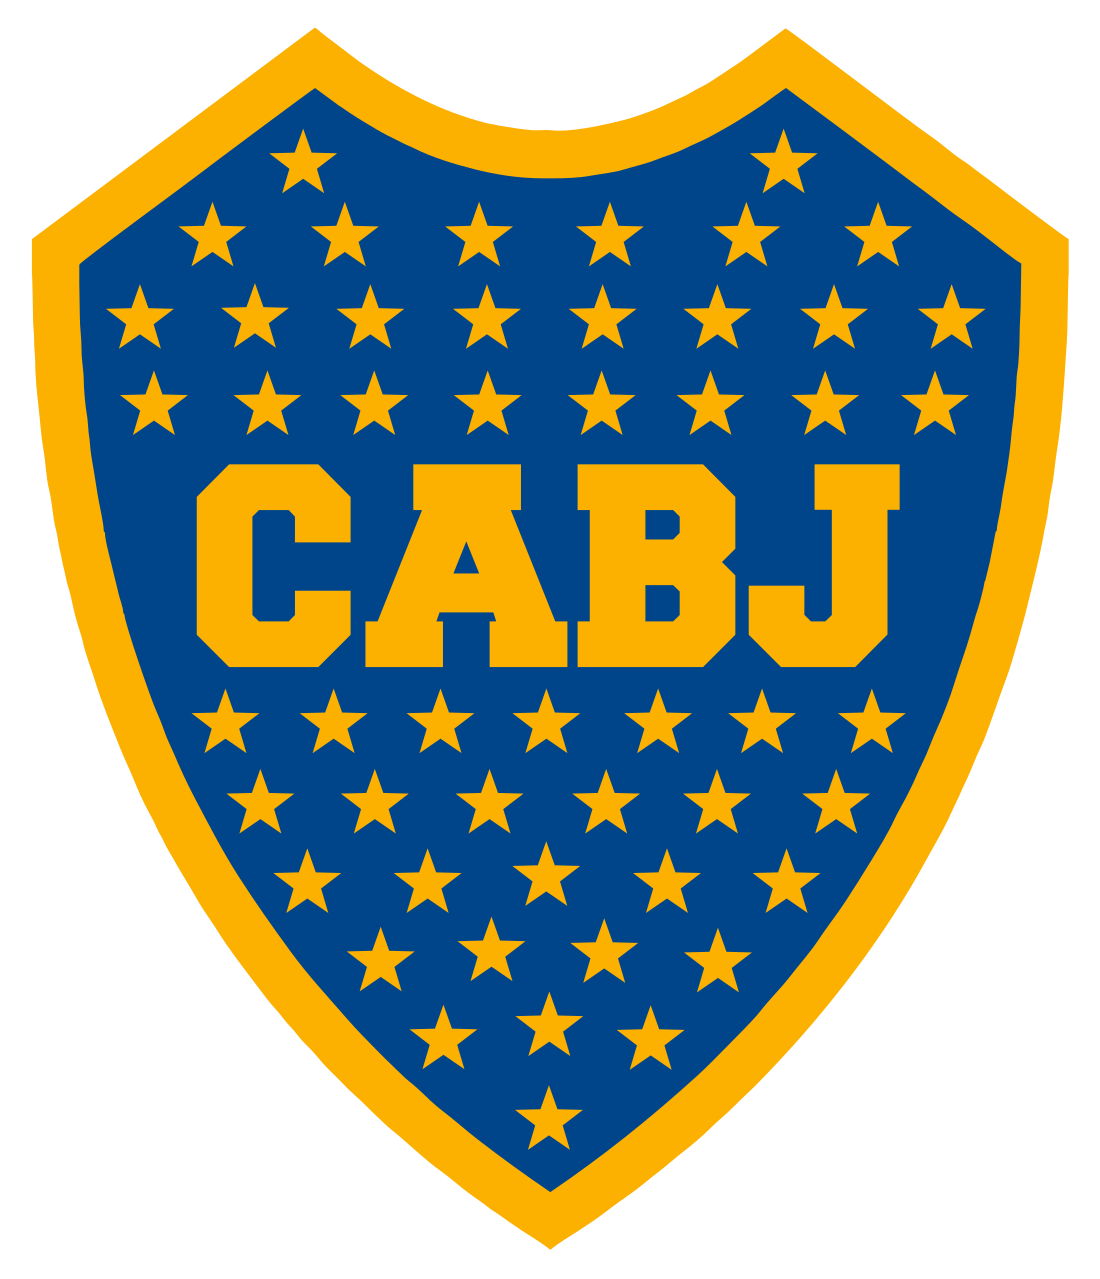 boca-juniors-logo-escudo-3